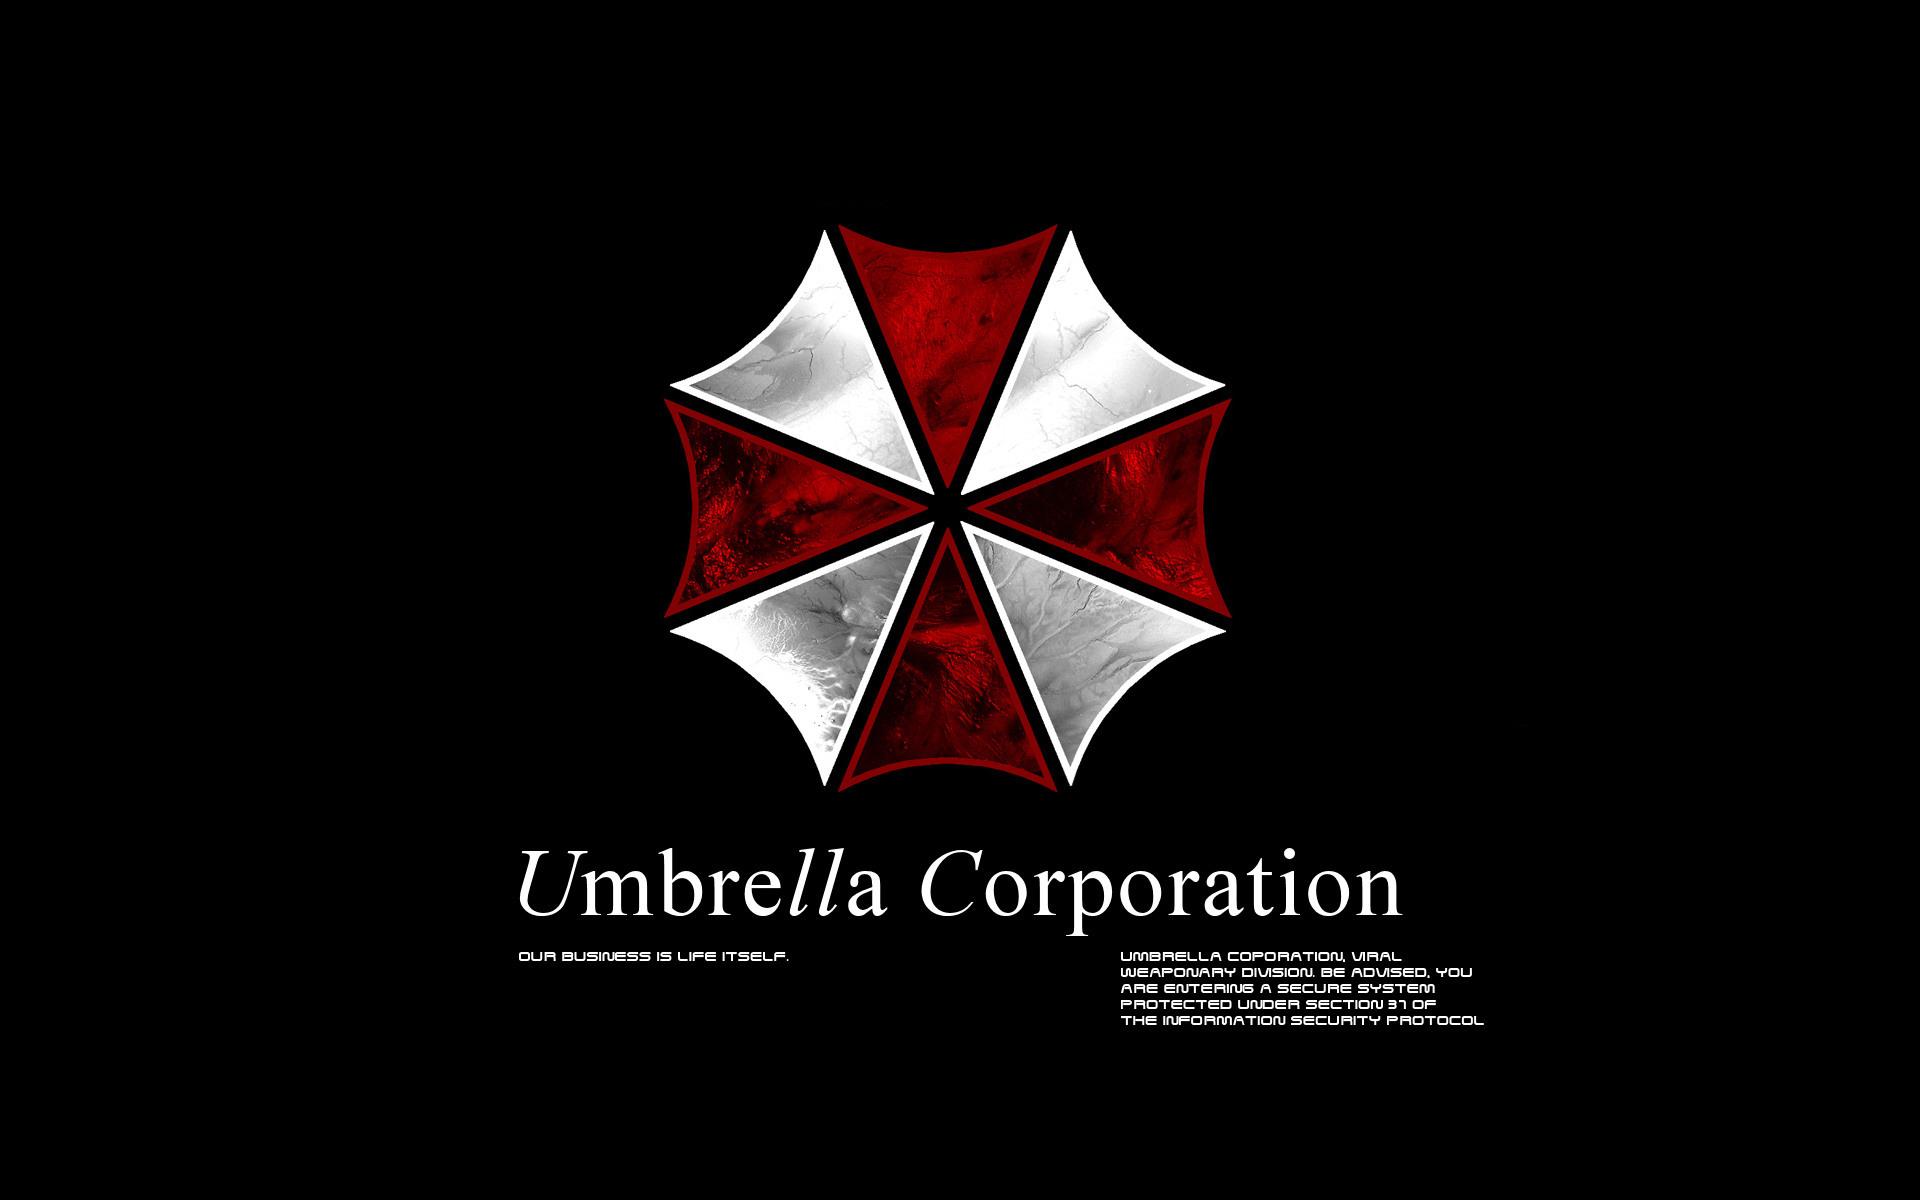 Umbrella Corporation wallpaper 167399